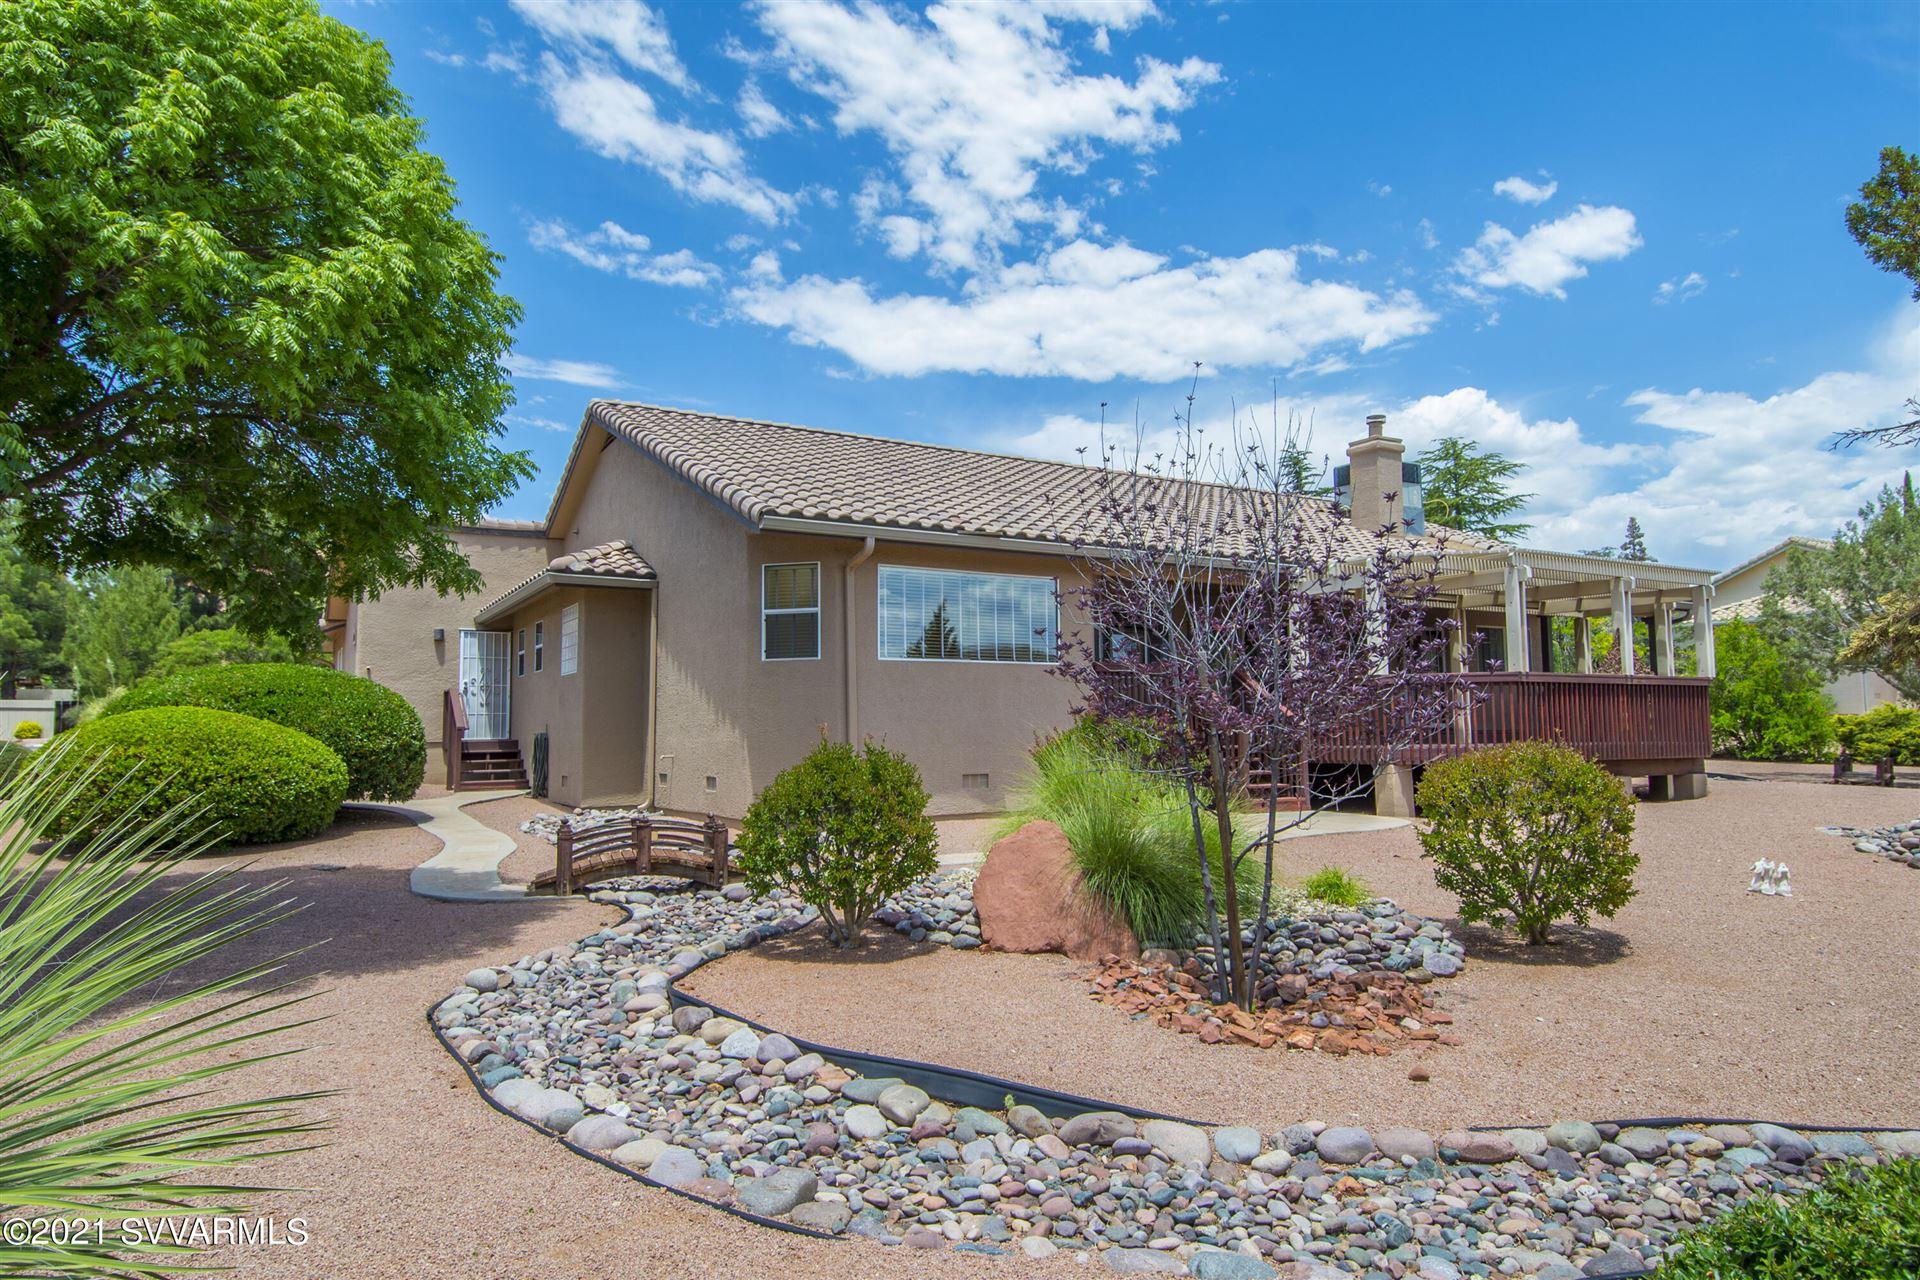 Photo of 140 E Lindsay Way, Sedona, AZ 86351 (MLS # 526982)